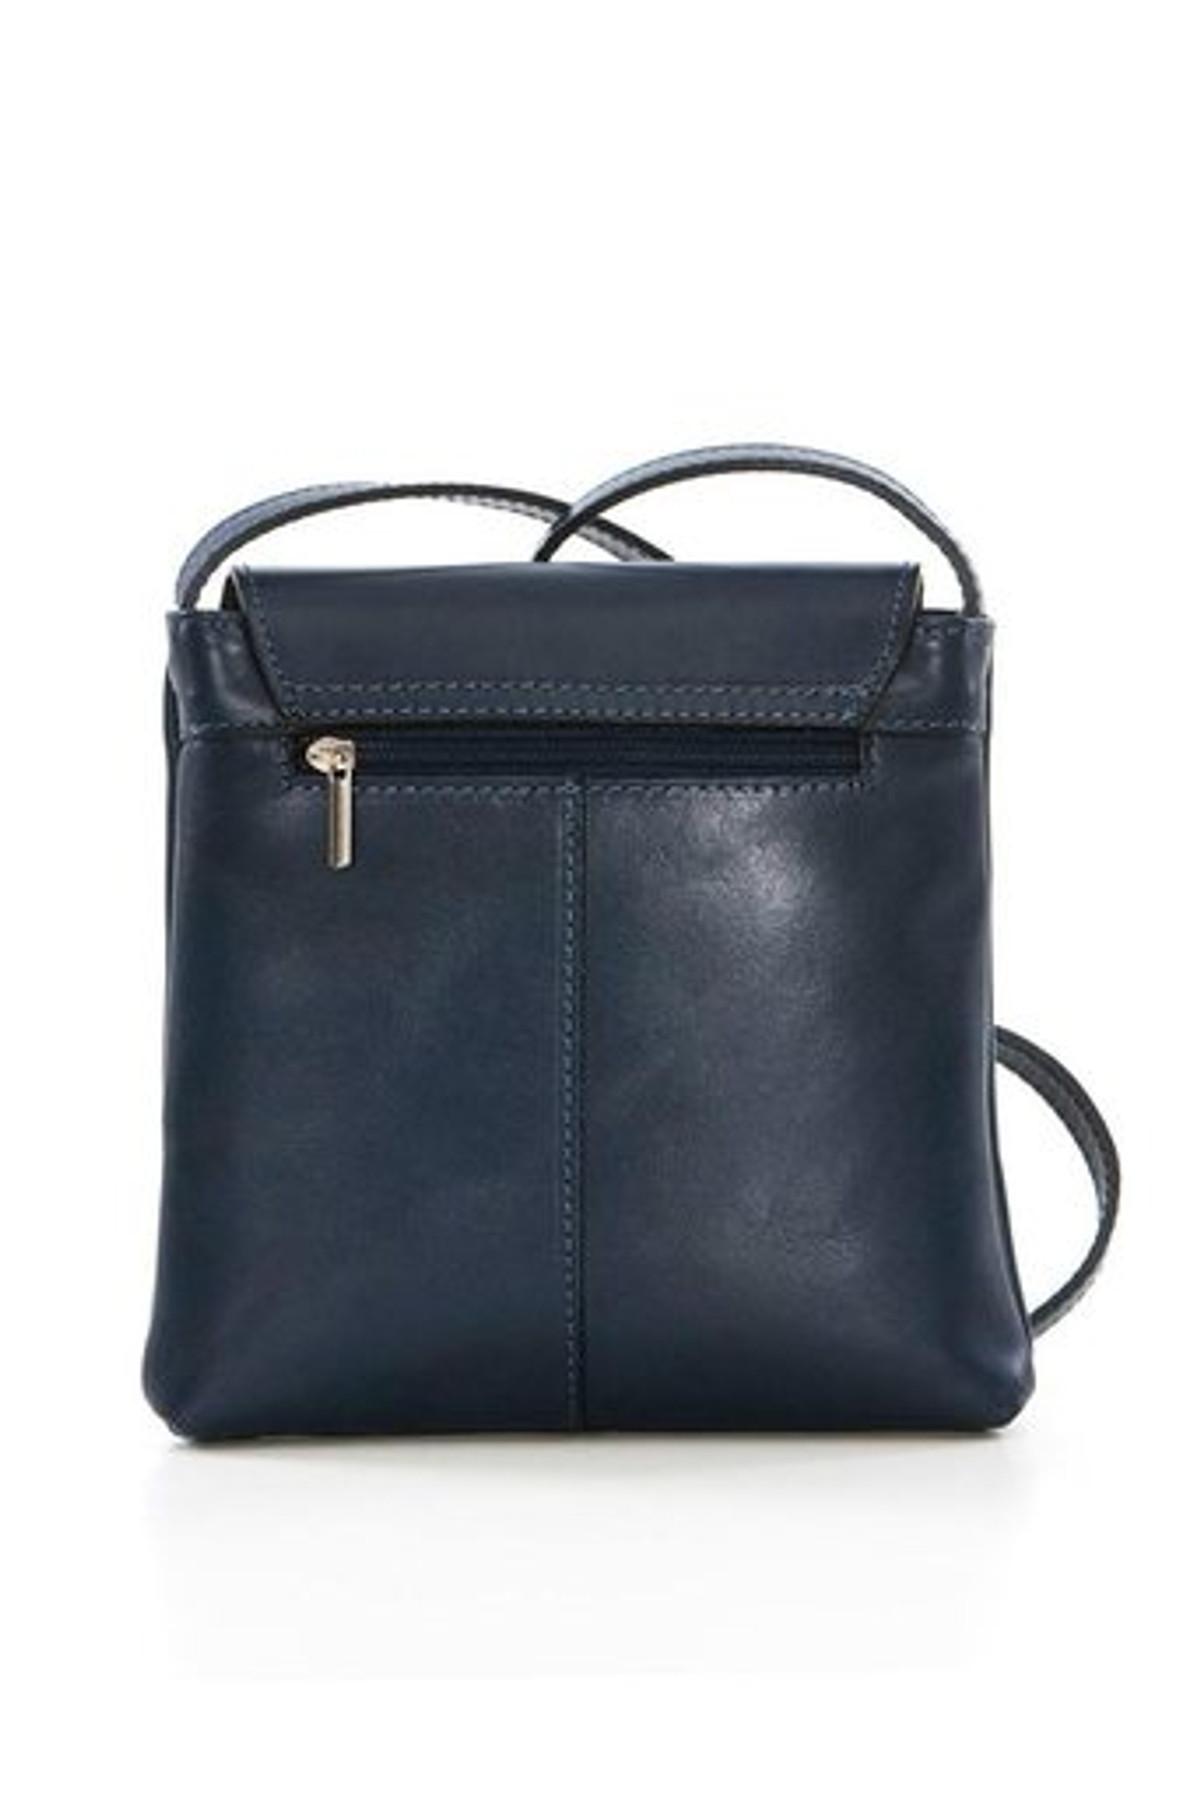 Mia Tomazzi Italian Made Leather Bag WB190186